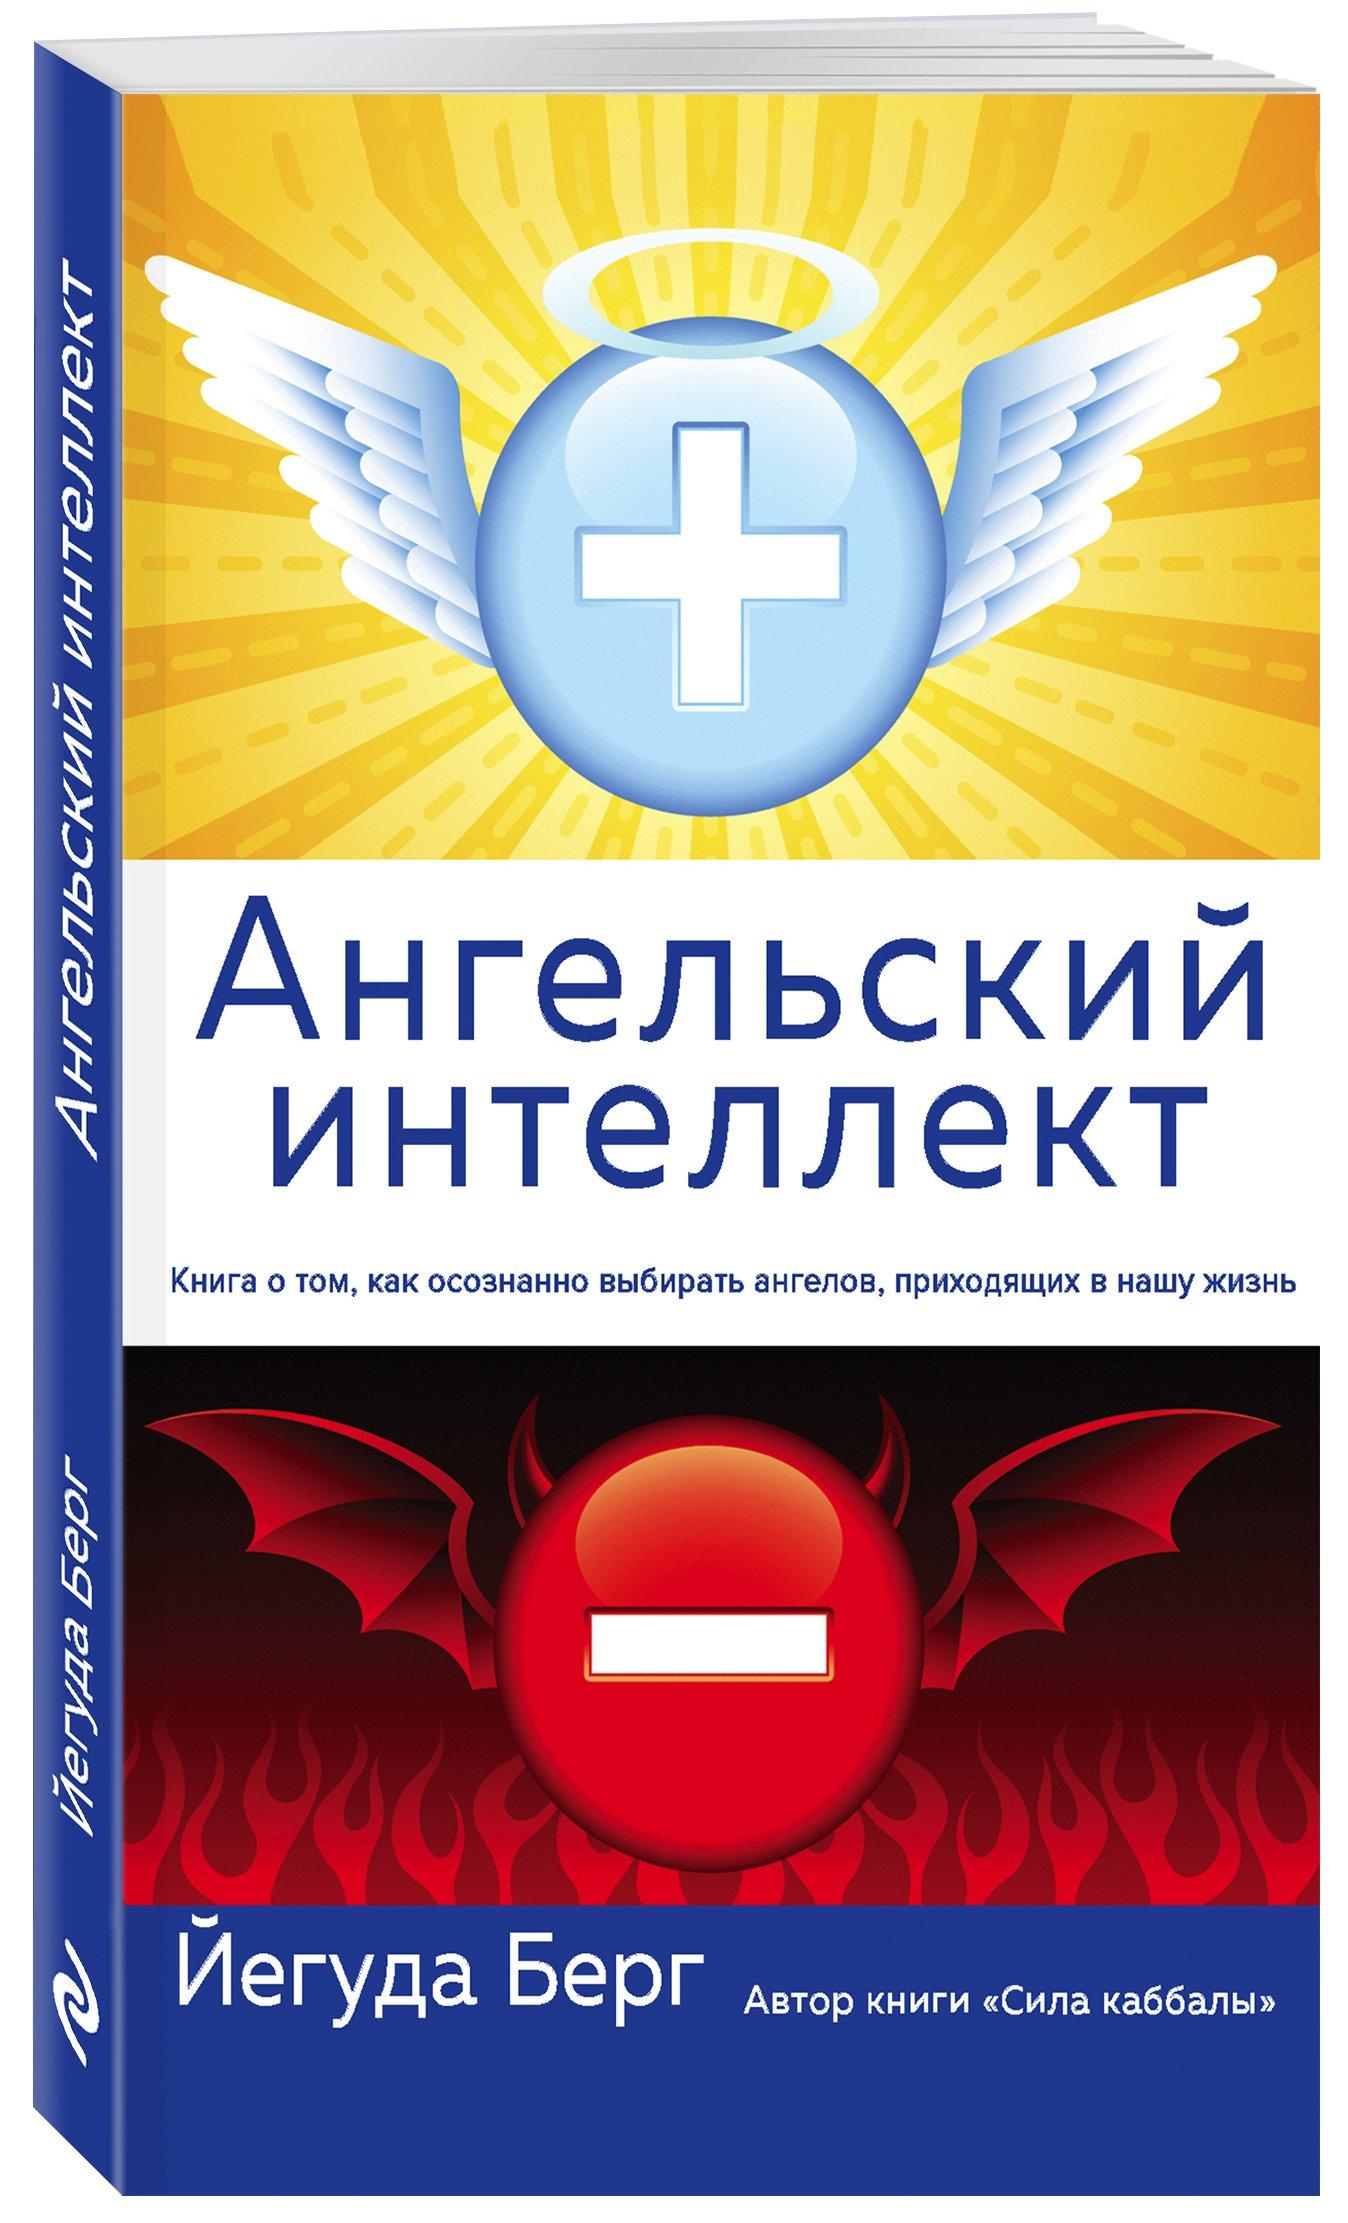 Берг Йегуда Ангельский интеллект августин кальме трактат о явлениях духов ангелов демонов а также о привидениях и вампирах